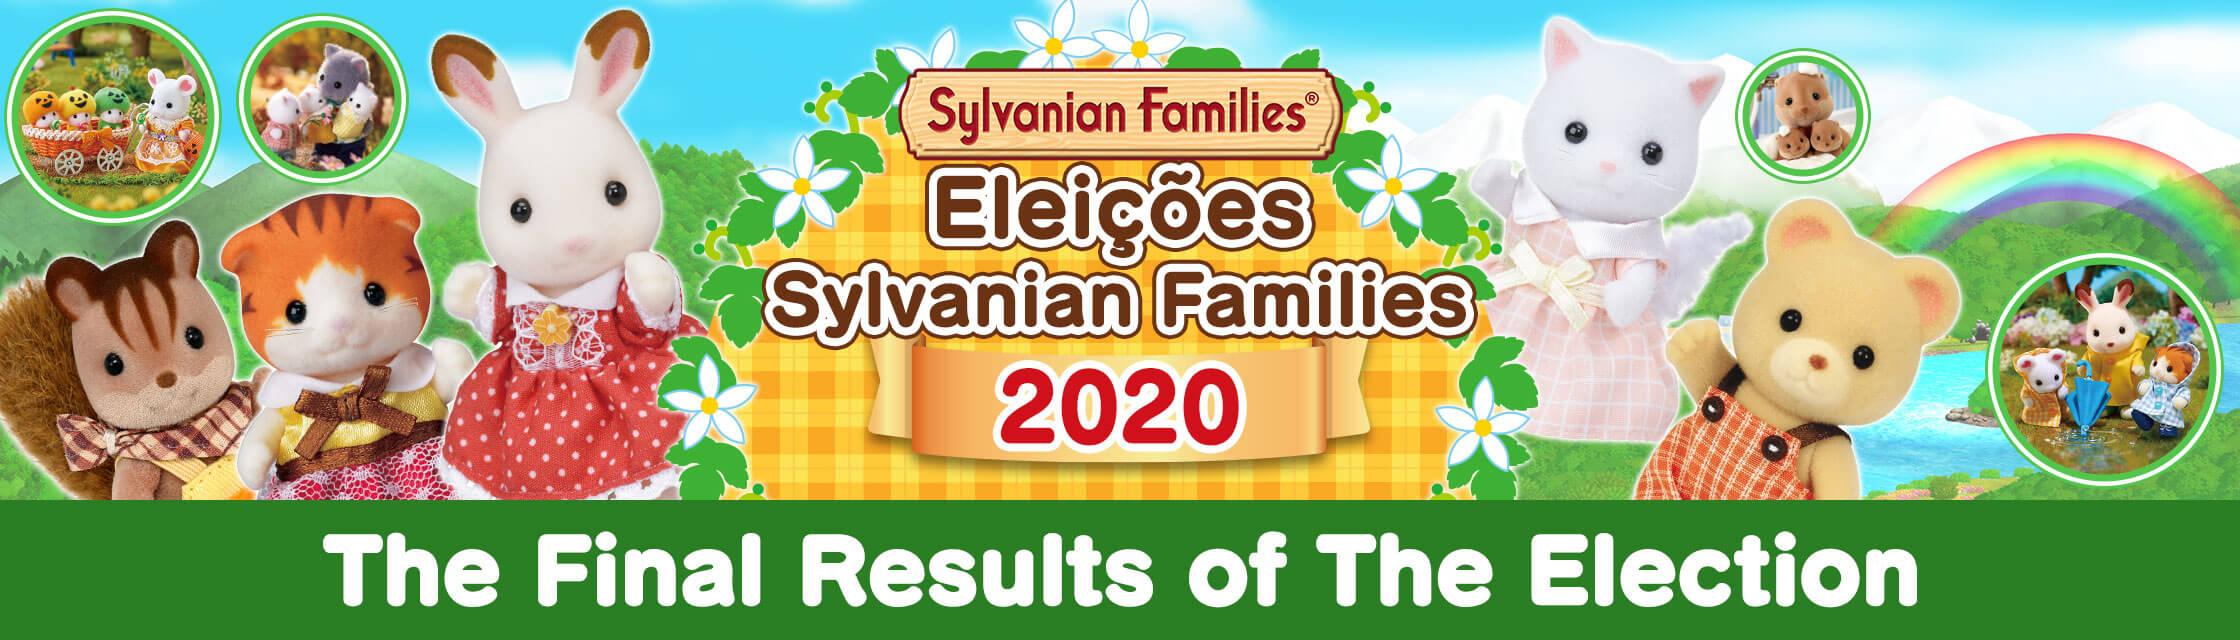 Eleições Sylvanian Families